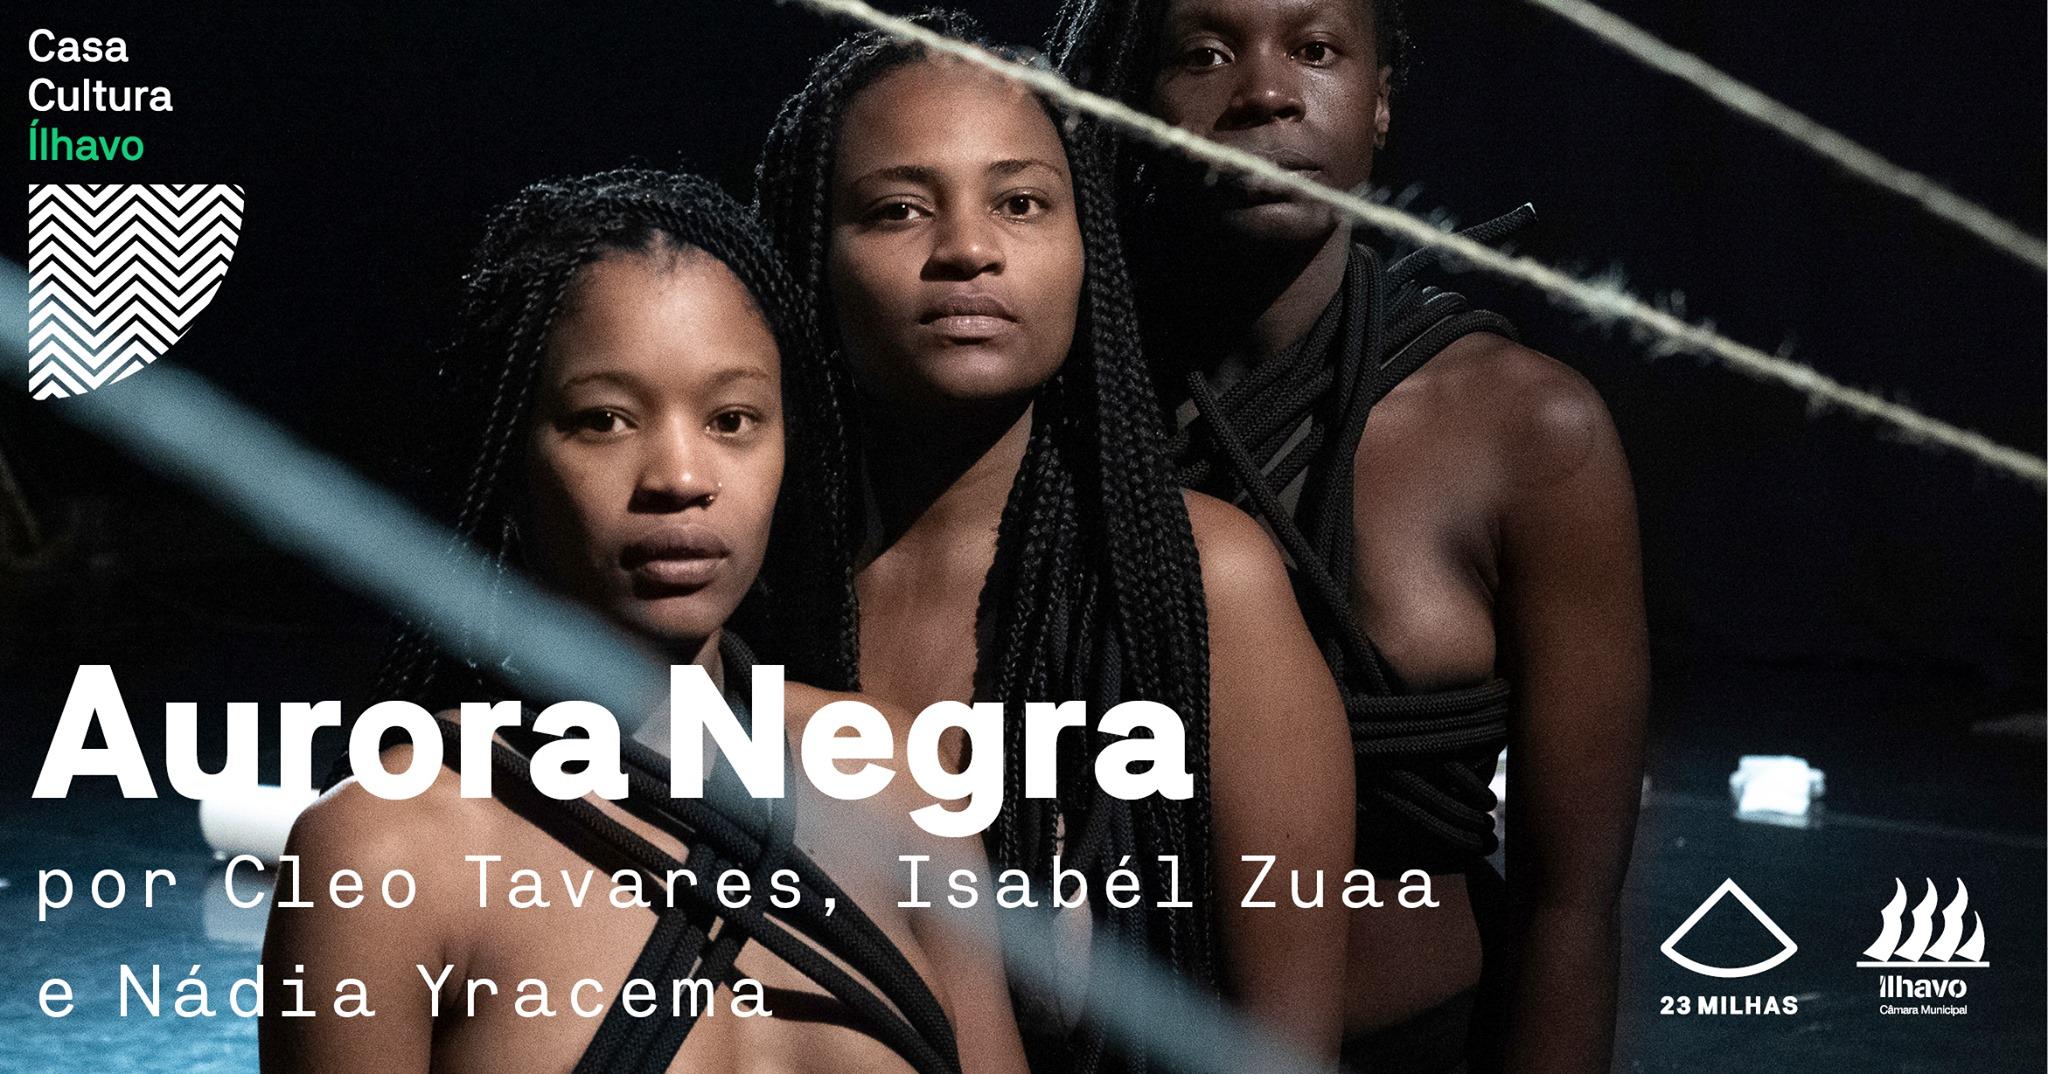 Aurora Negra de Cleo Tavares, Isabél Zuaa e Nádia Yracema